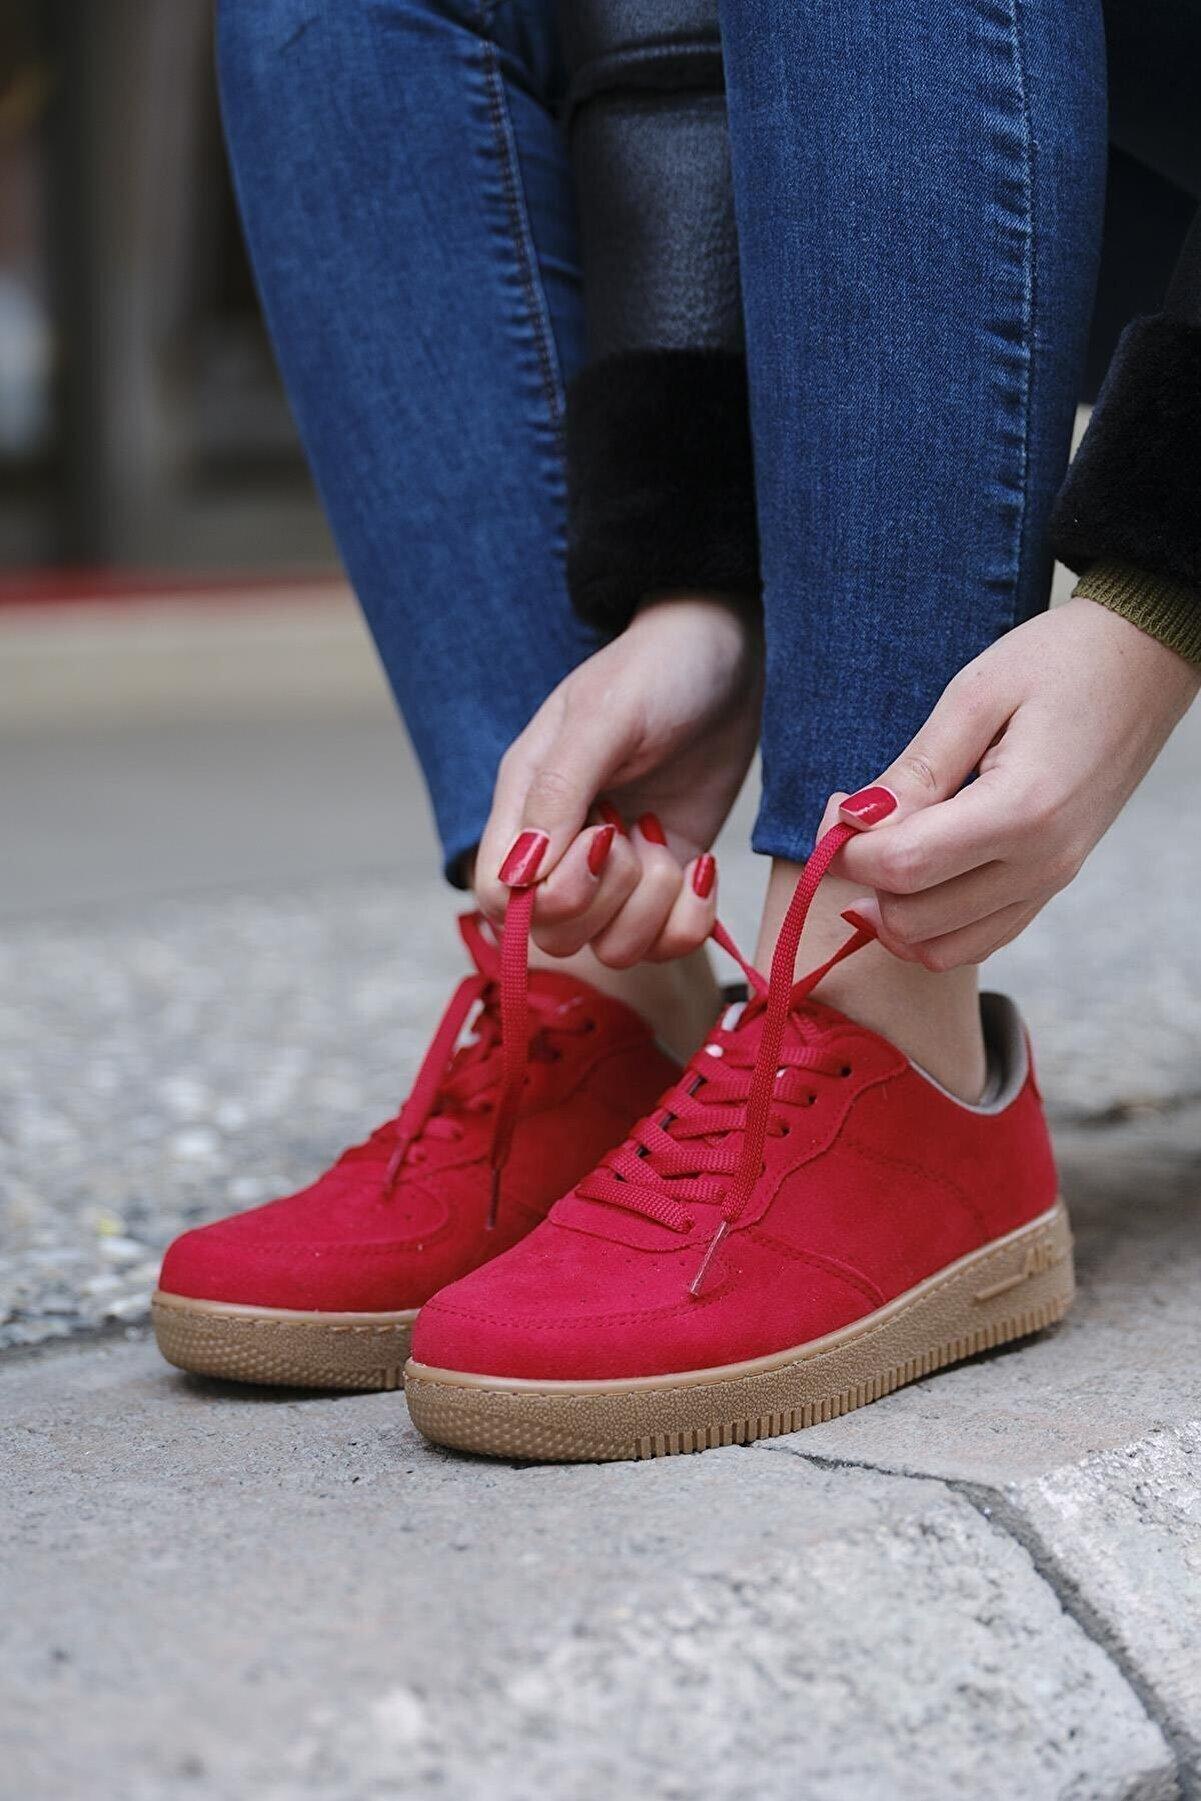 DARKLOW Unisex Kırmızı Air Garson Süet Sneaker Günlük Bağcıklı Spor Ayakkabı